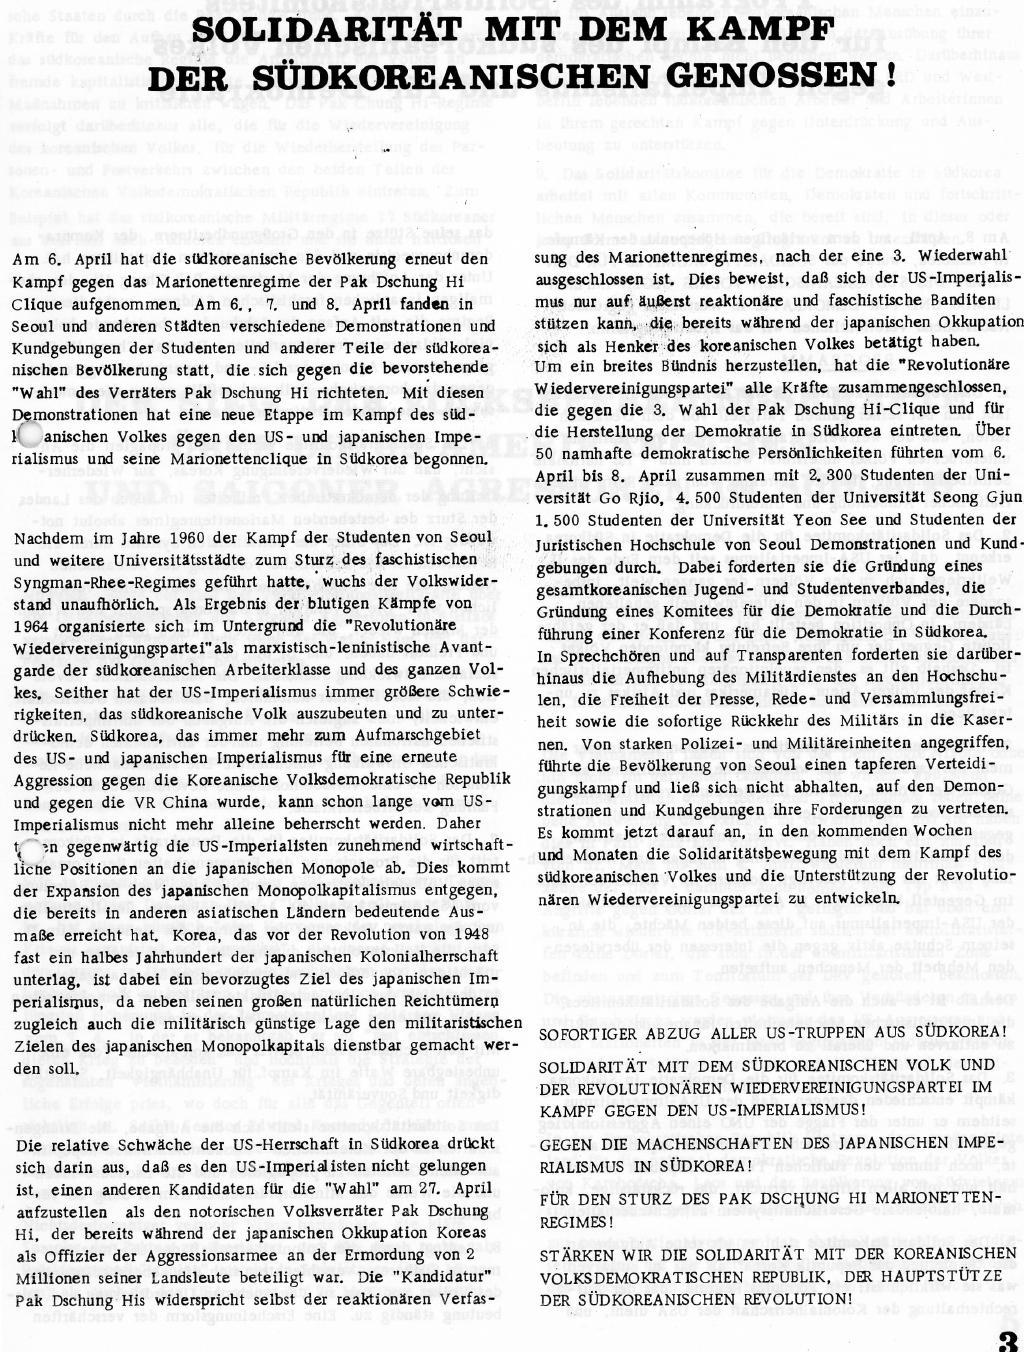 RPK_1971_111_03